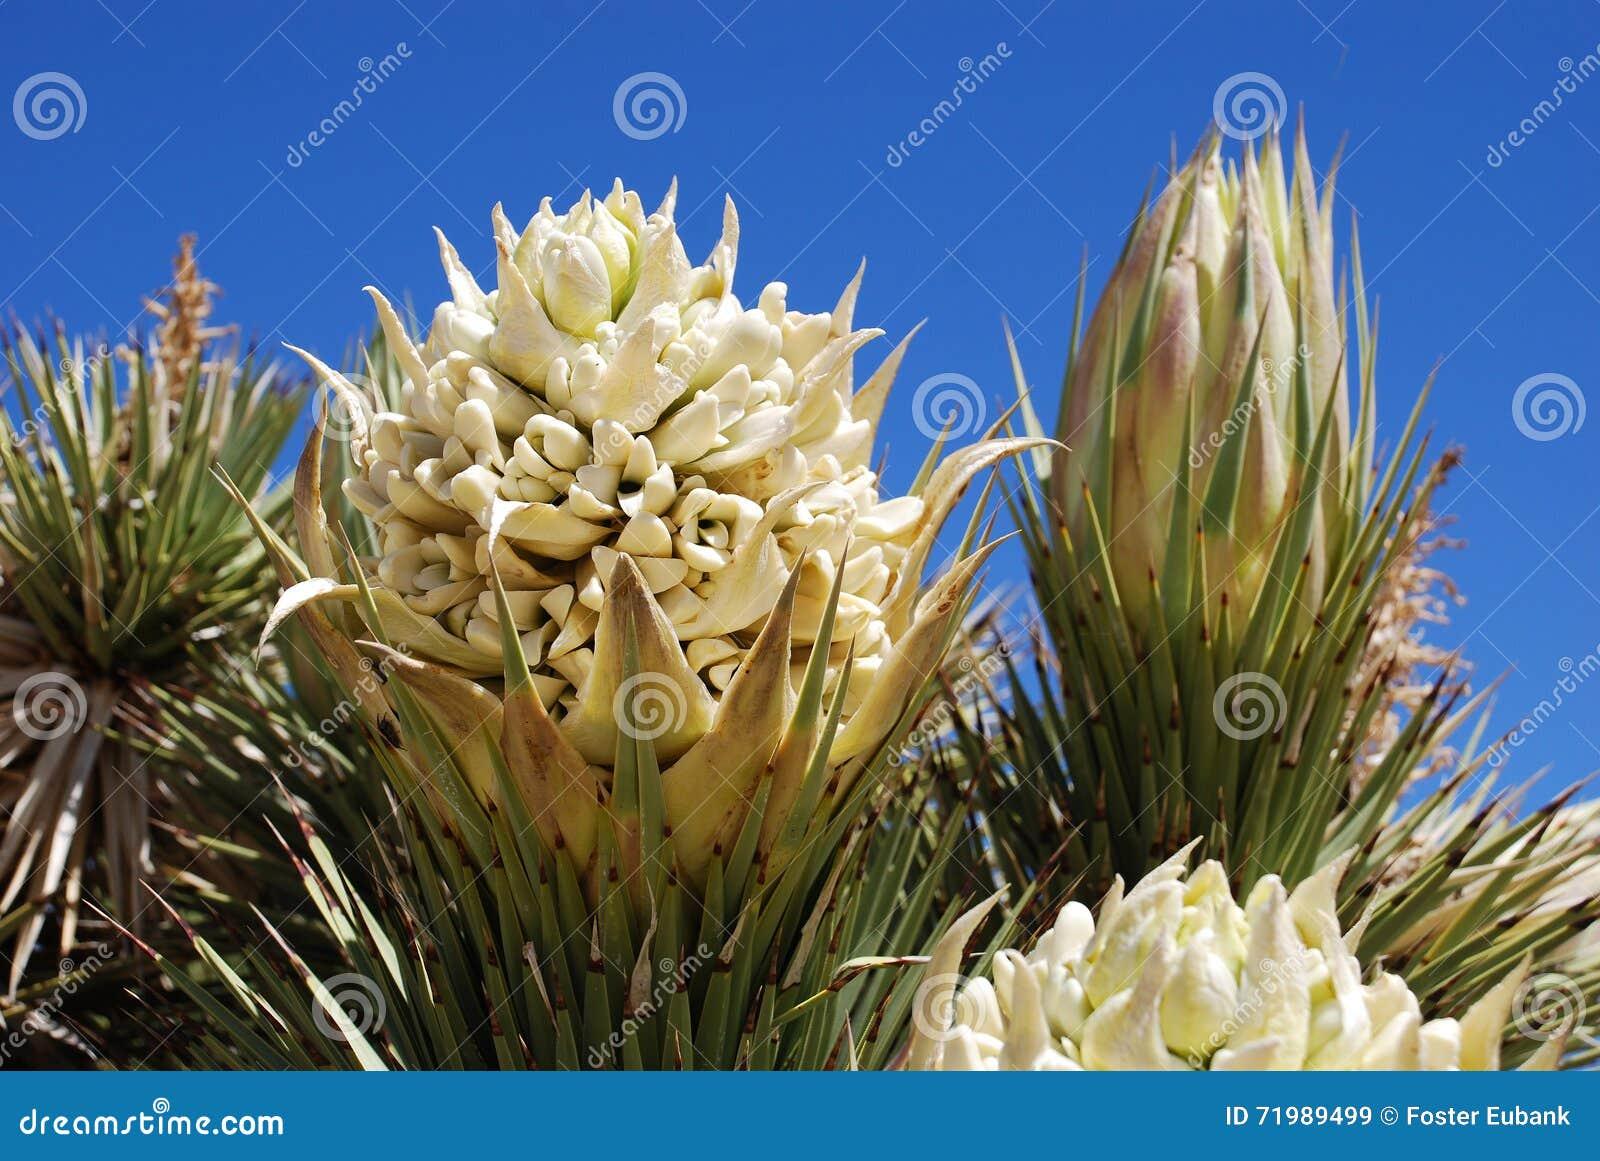 Что за цветок юка